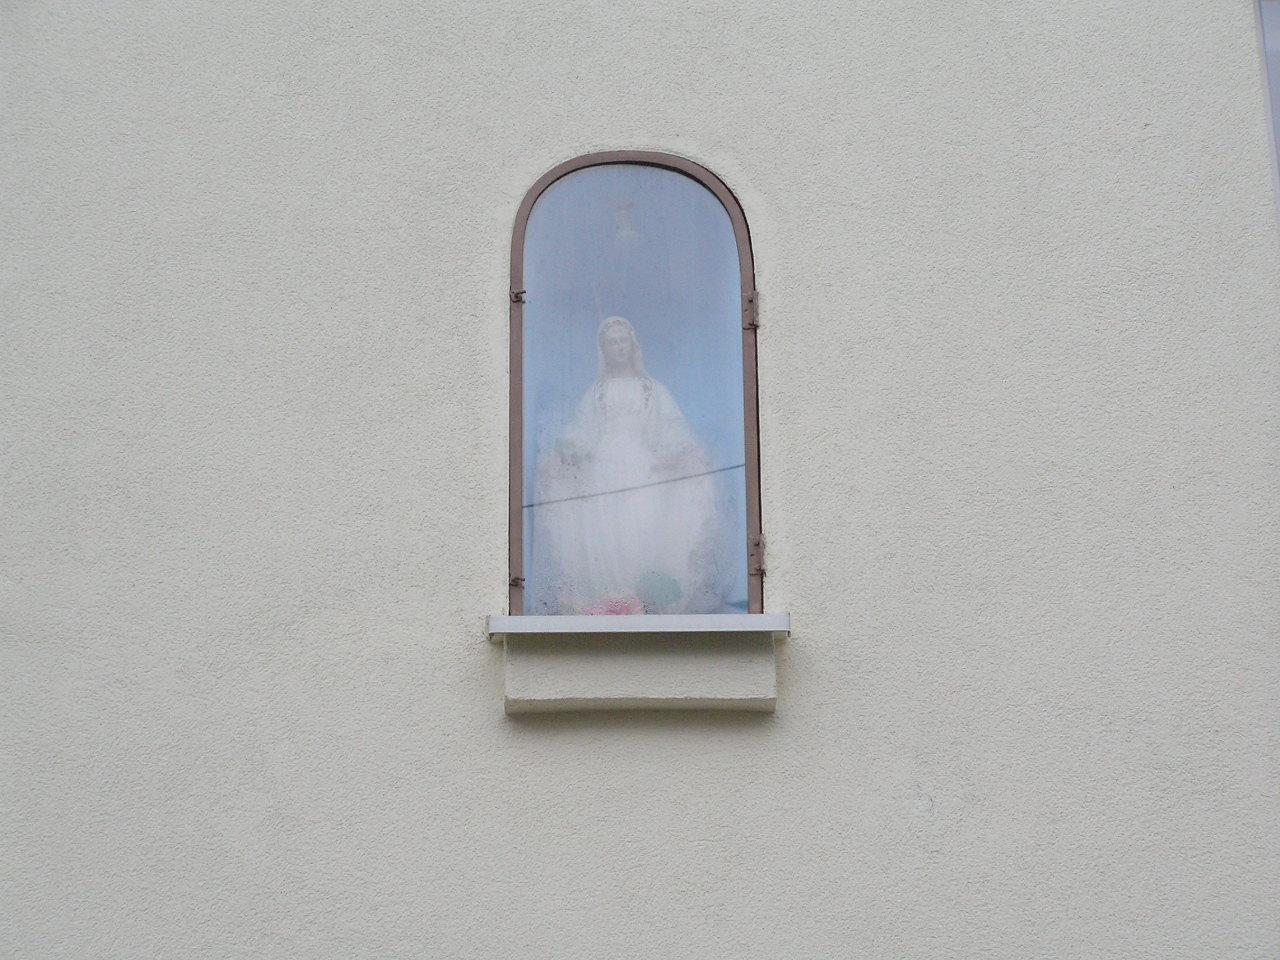 Kapliczka wnękowa przy ulicy Józefa Zaliwskiego 18 na Grochowie